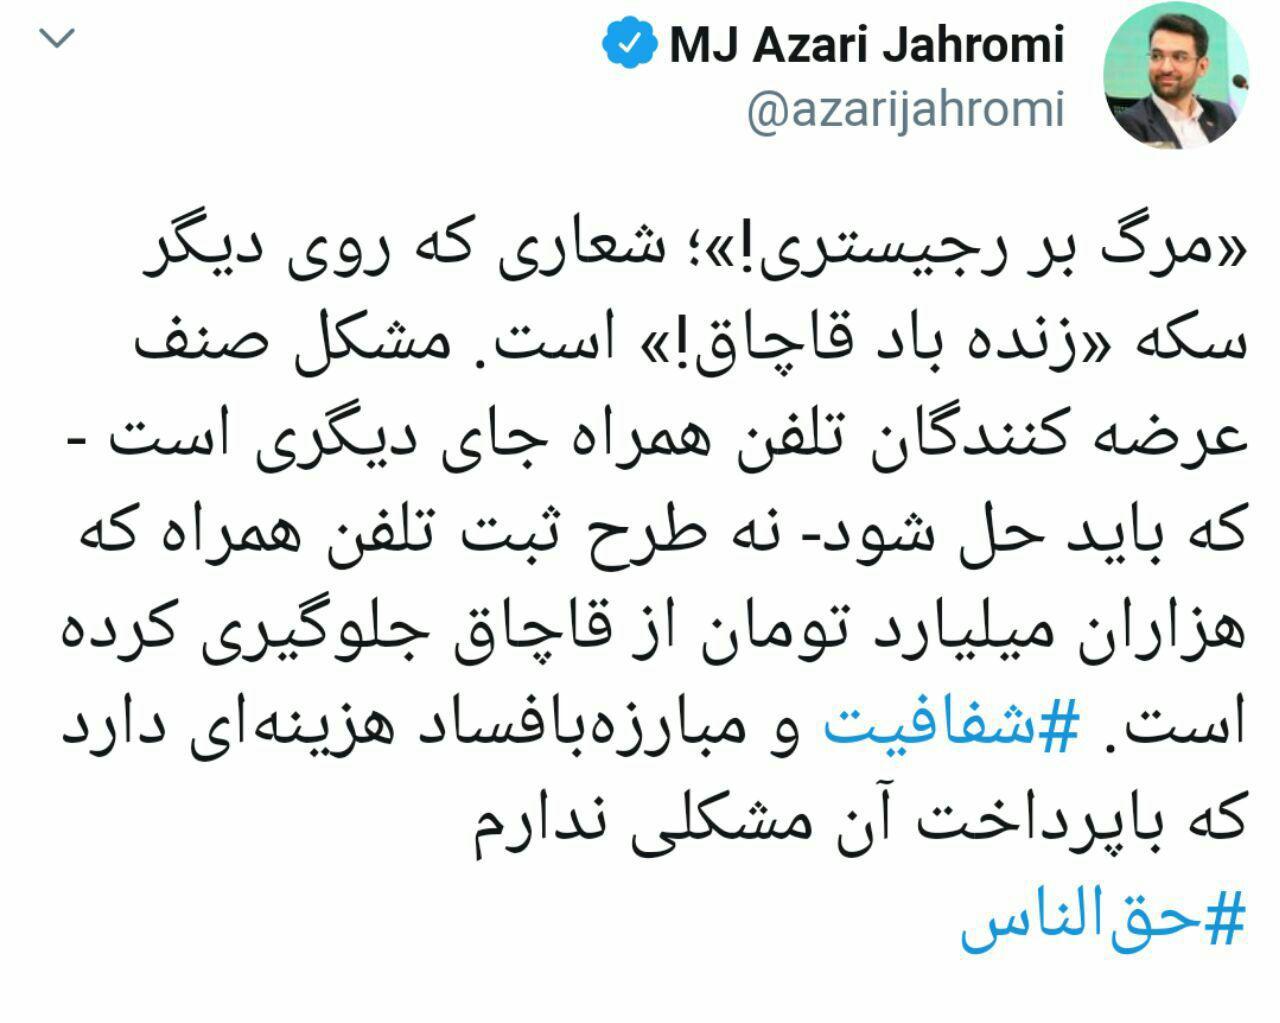 واکنش وزیر ارتباطات به اعتصاب موبایلفروشان: «مرگ بر رجیستری» روی دیگر سکه «زندهباش قاچاق» است - 2